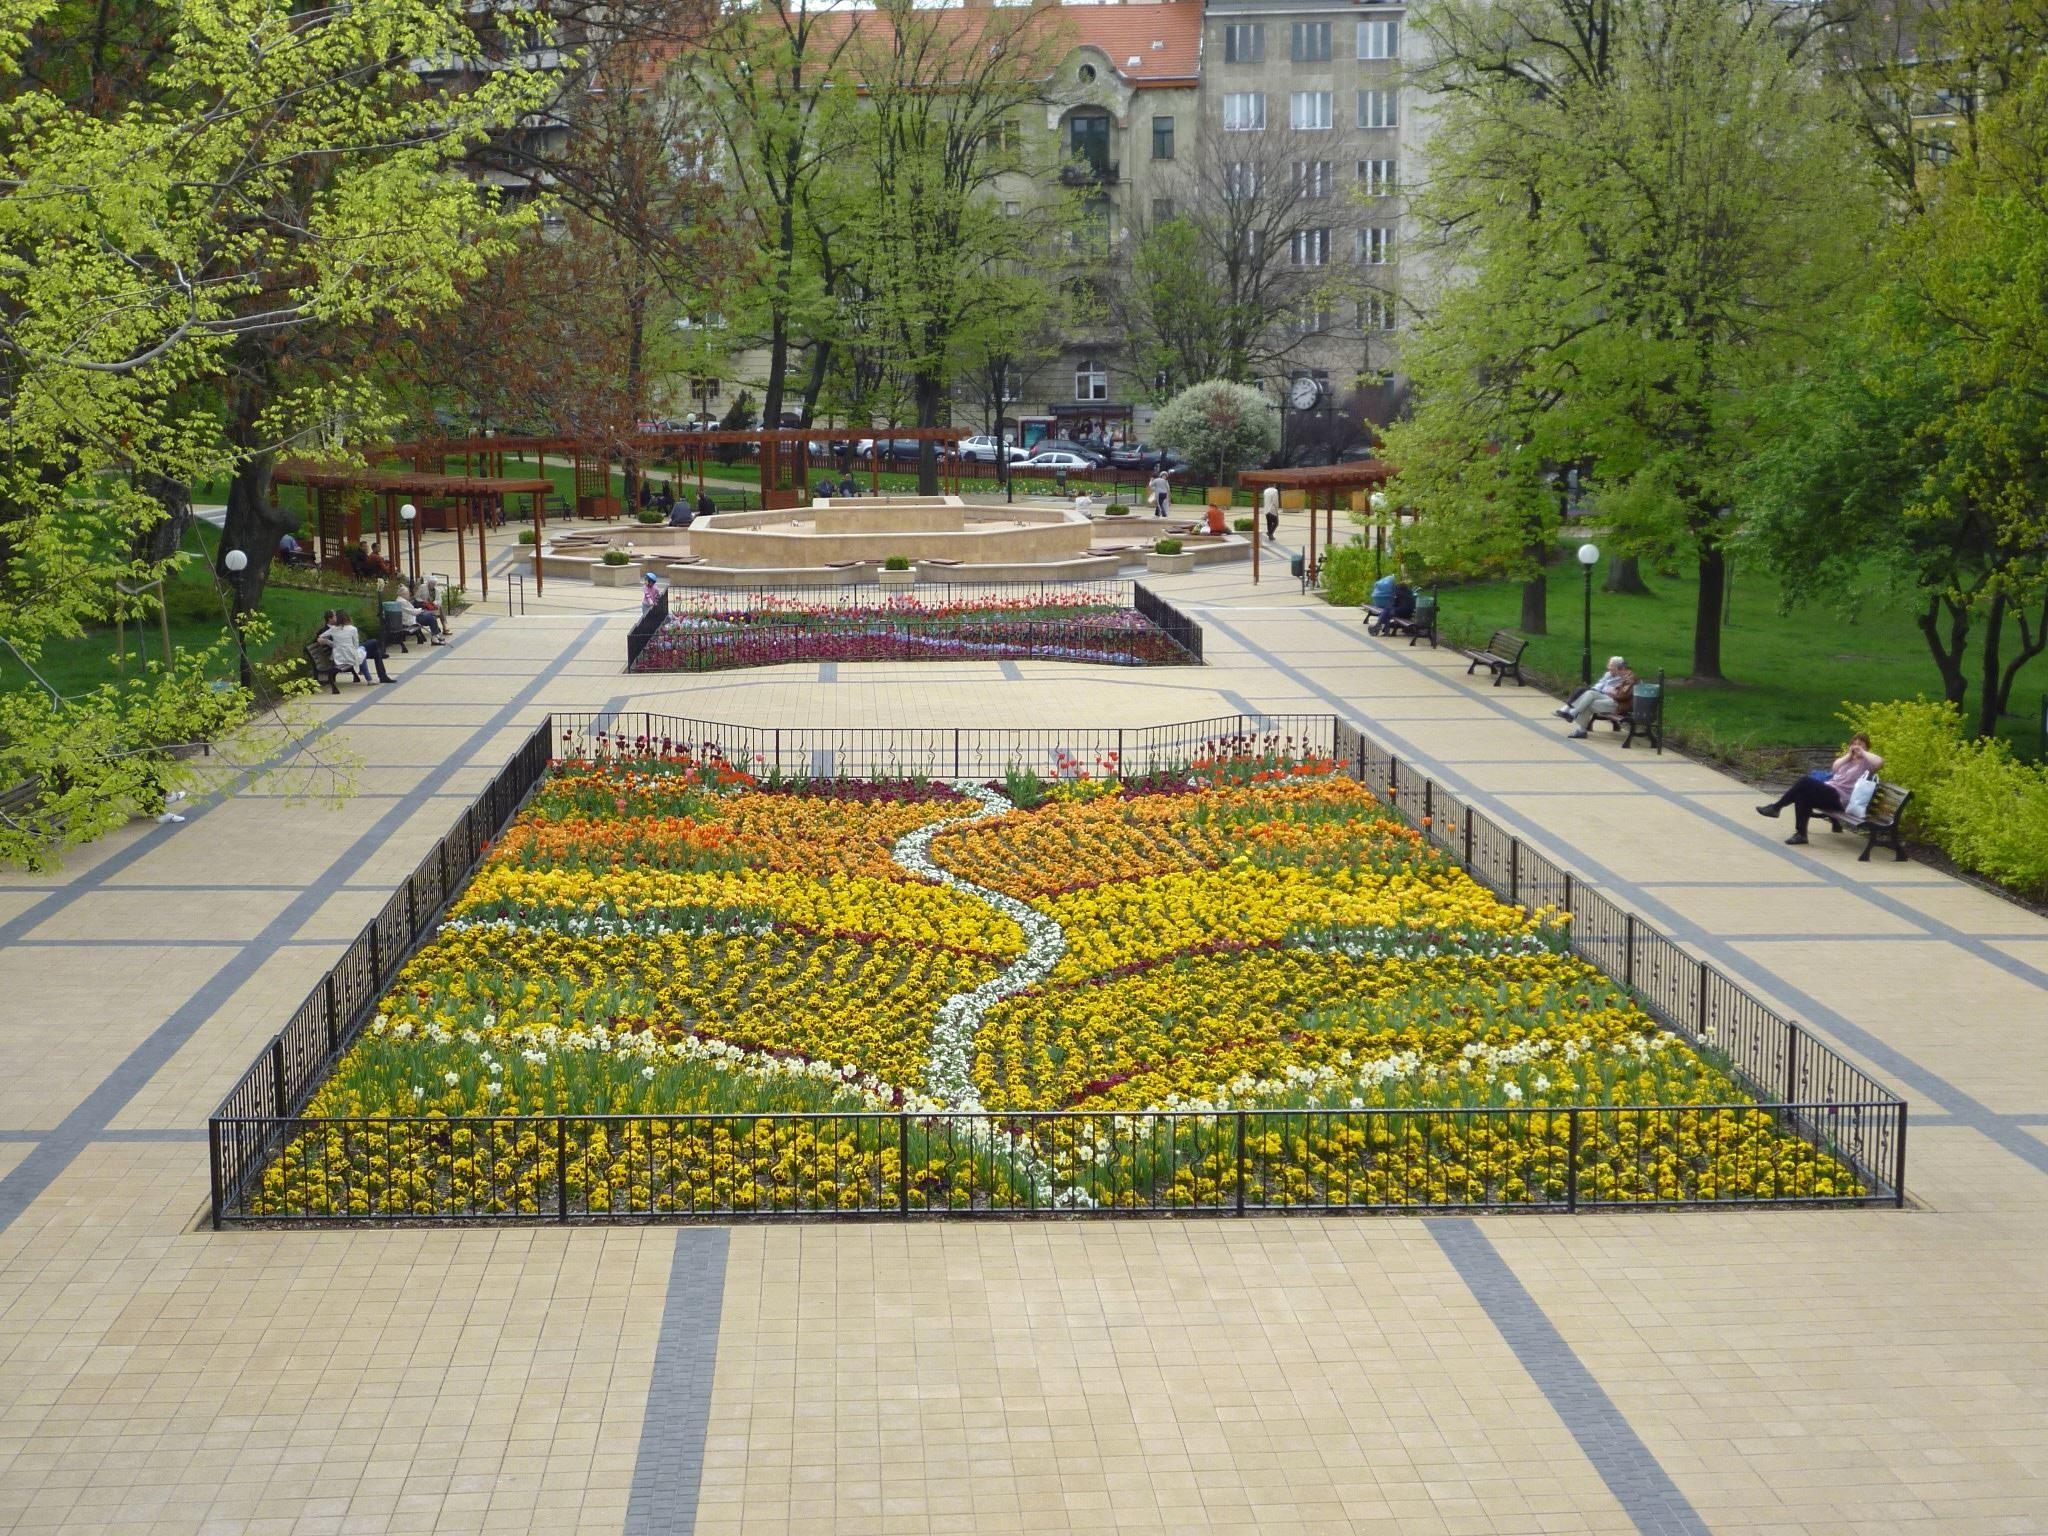 Piante Per Recinzioni Giardino.Foto Gratis Fiori Recinzione Giardino Piante Persone Banco